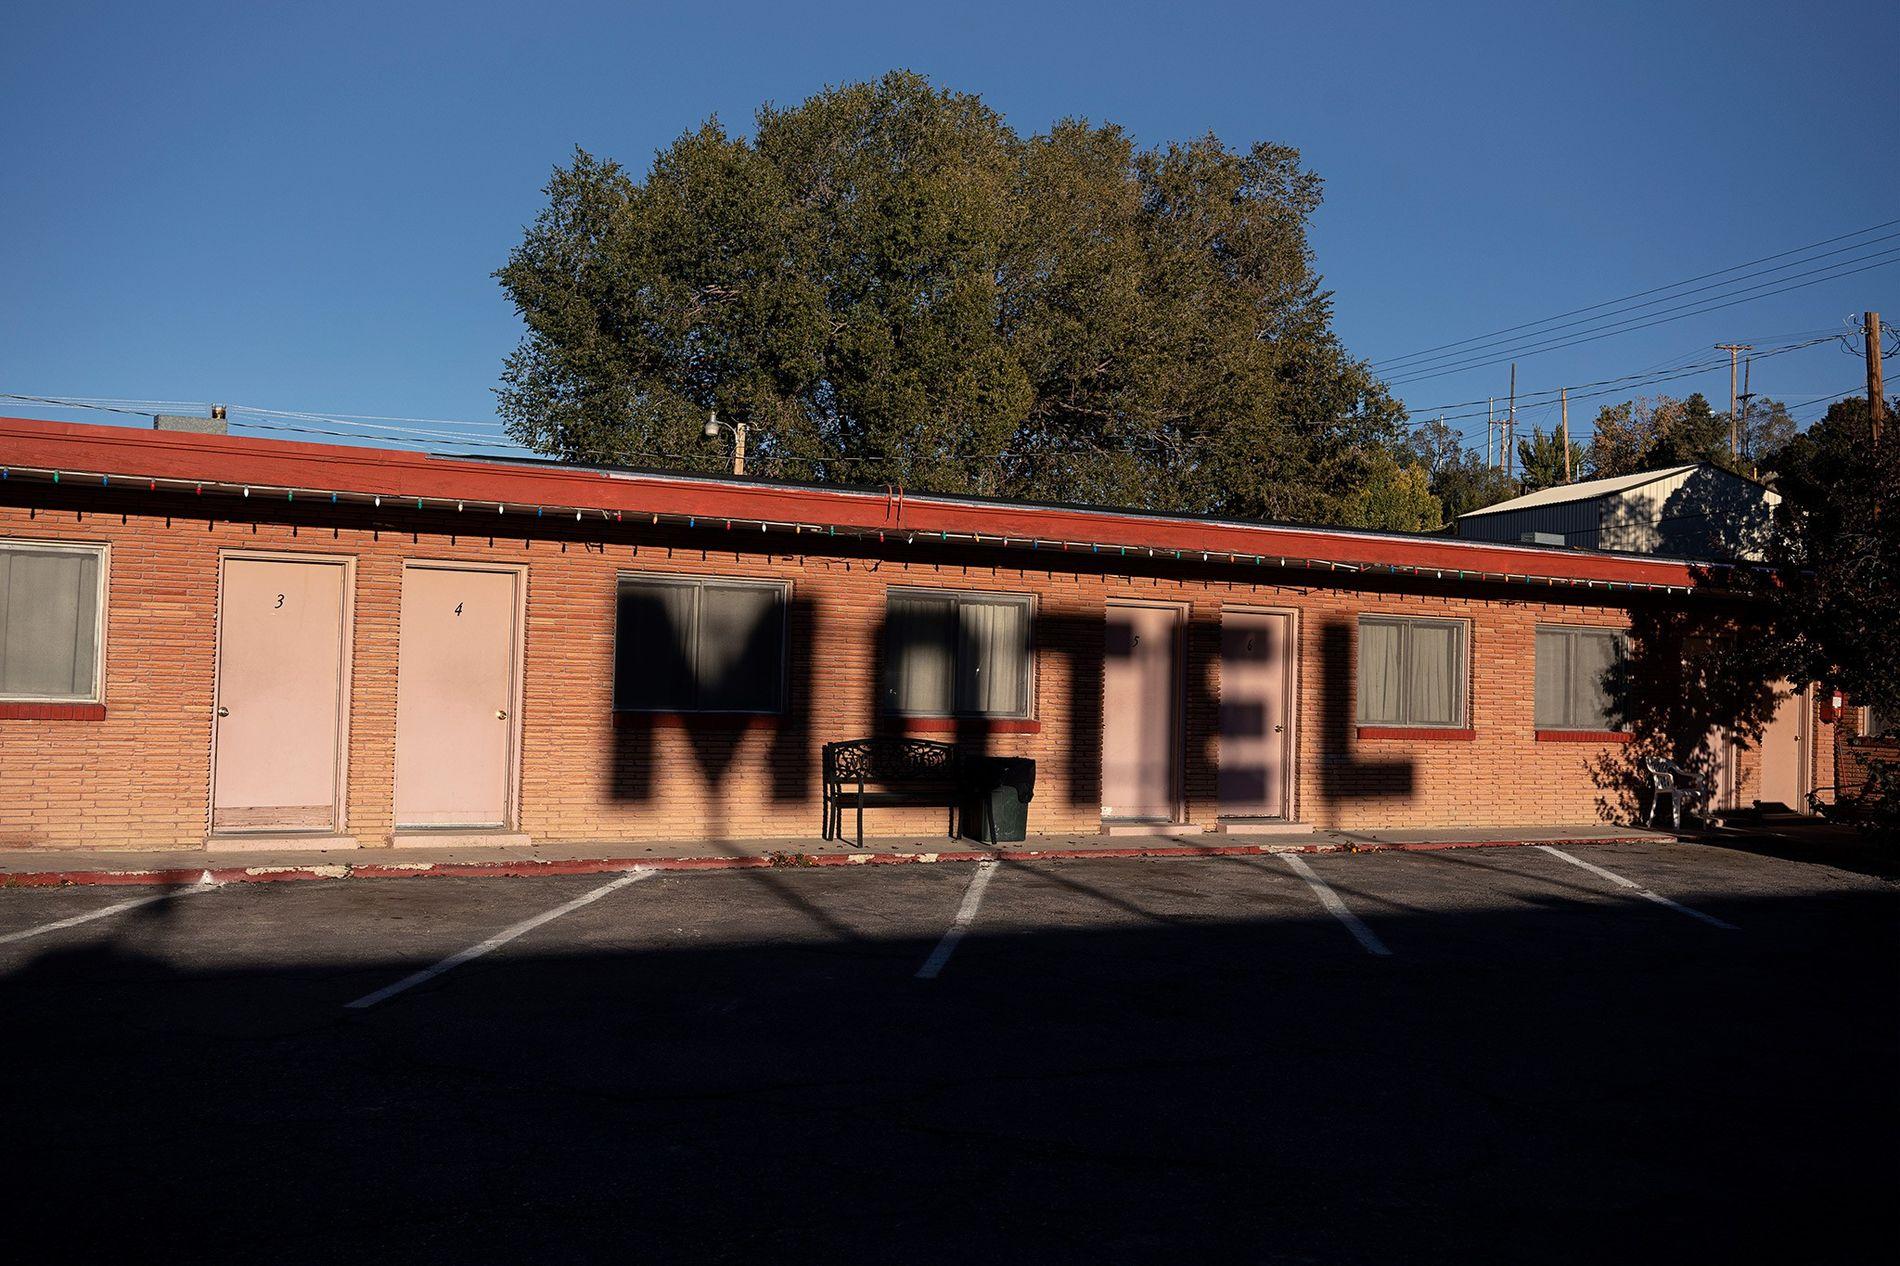 Sombras erguem-se sobre o Motel Desert-est Motor, no Nevada. Antes de ser conhecida como a estrada ...